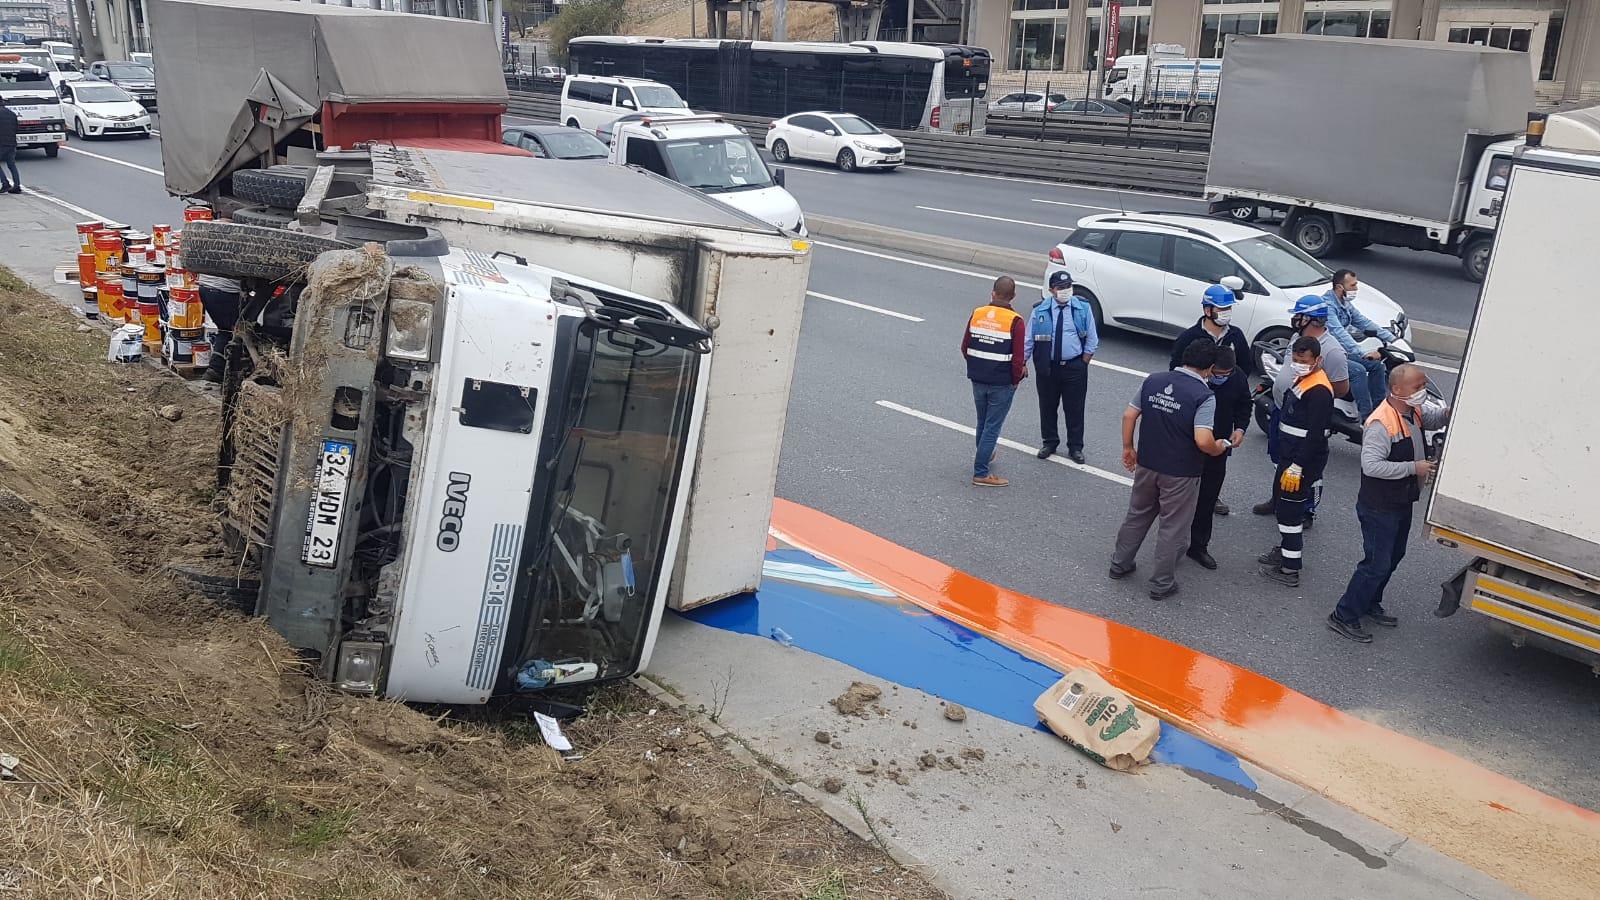 Avcılar'da kaldırıma çarpan boya yüklü kamyon devrildi